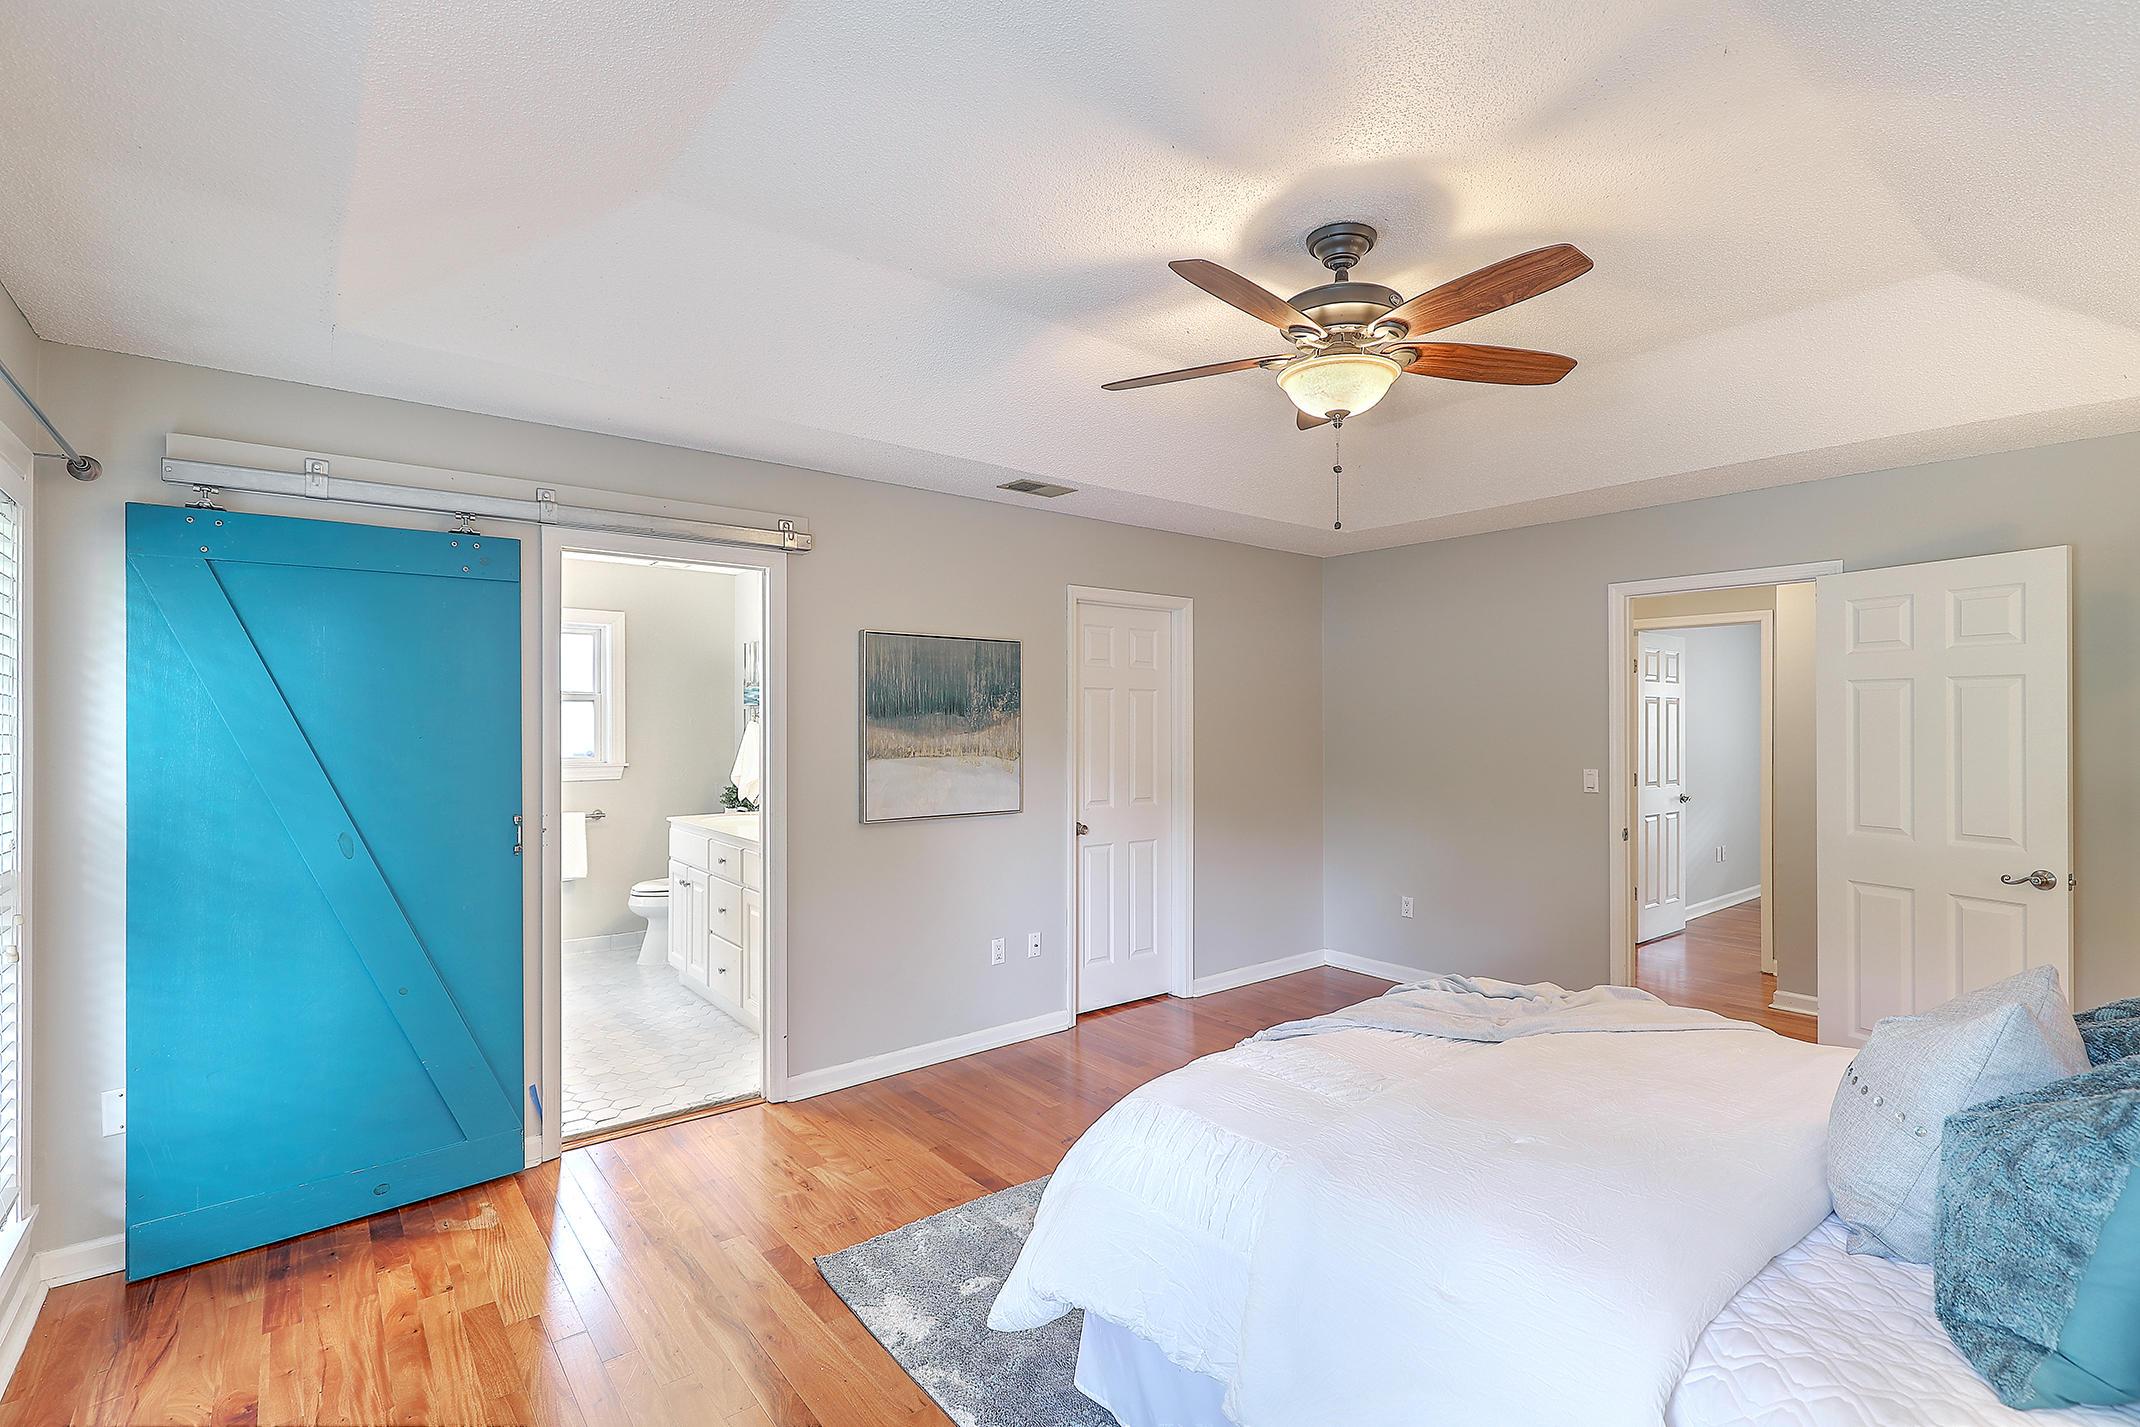 Coopers Landing Homes For Sale - 1474 Hidden Bridge, Mount Pleasant, SC - 8